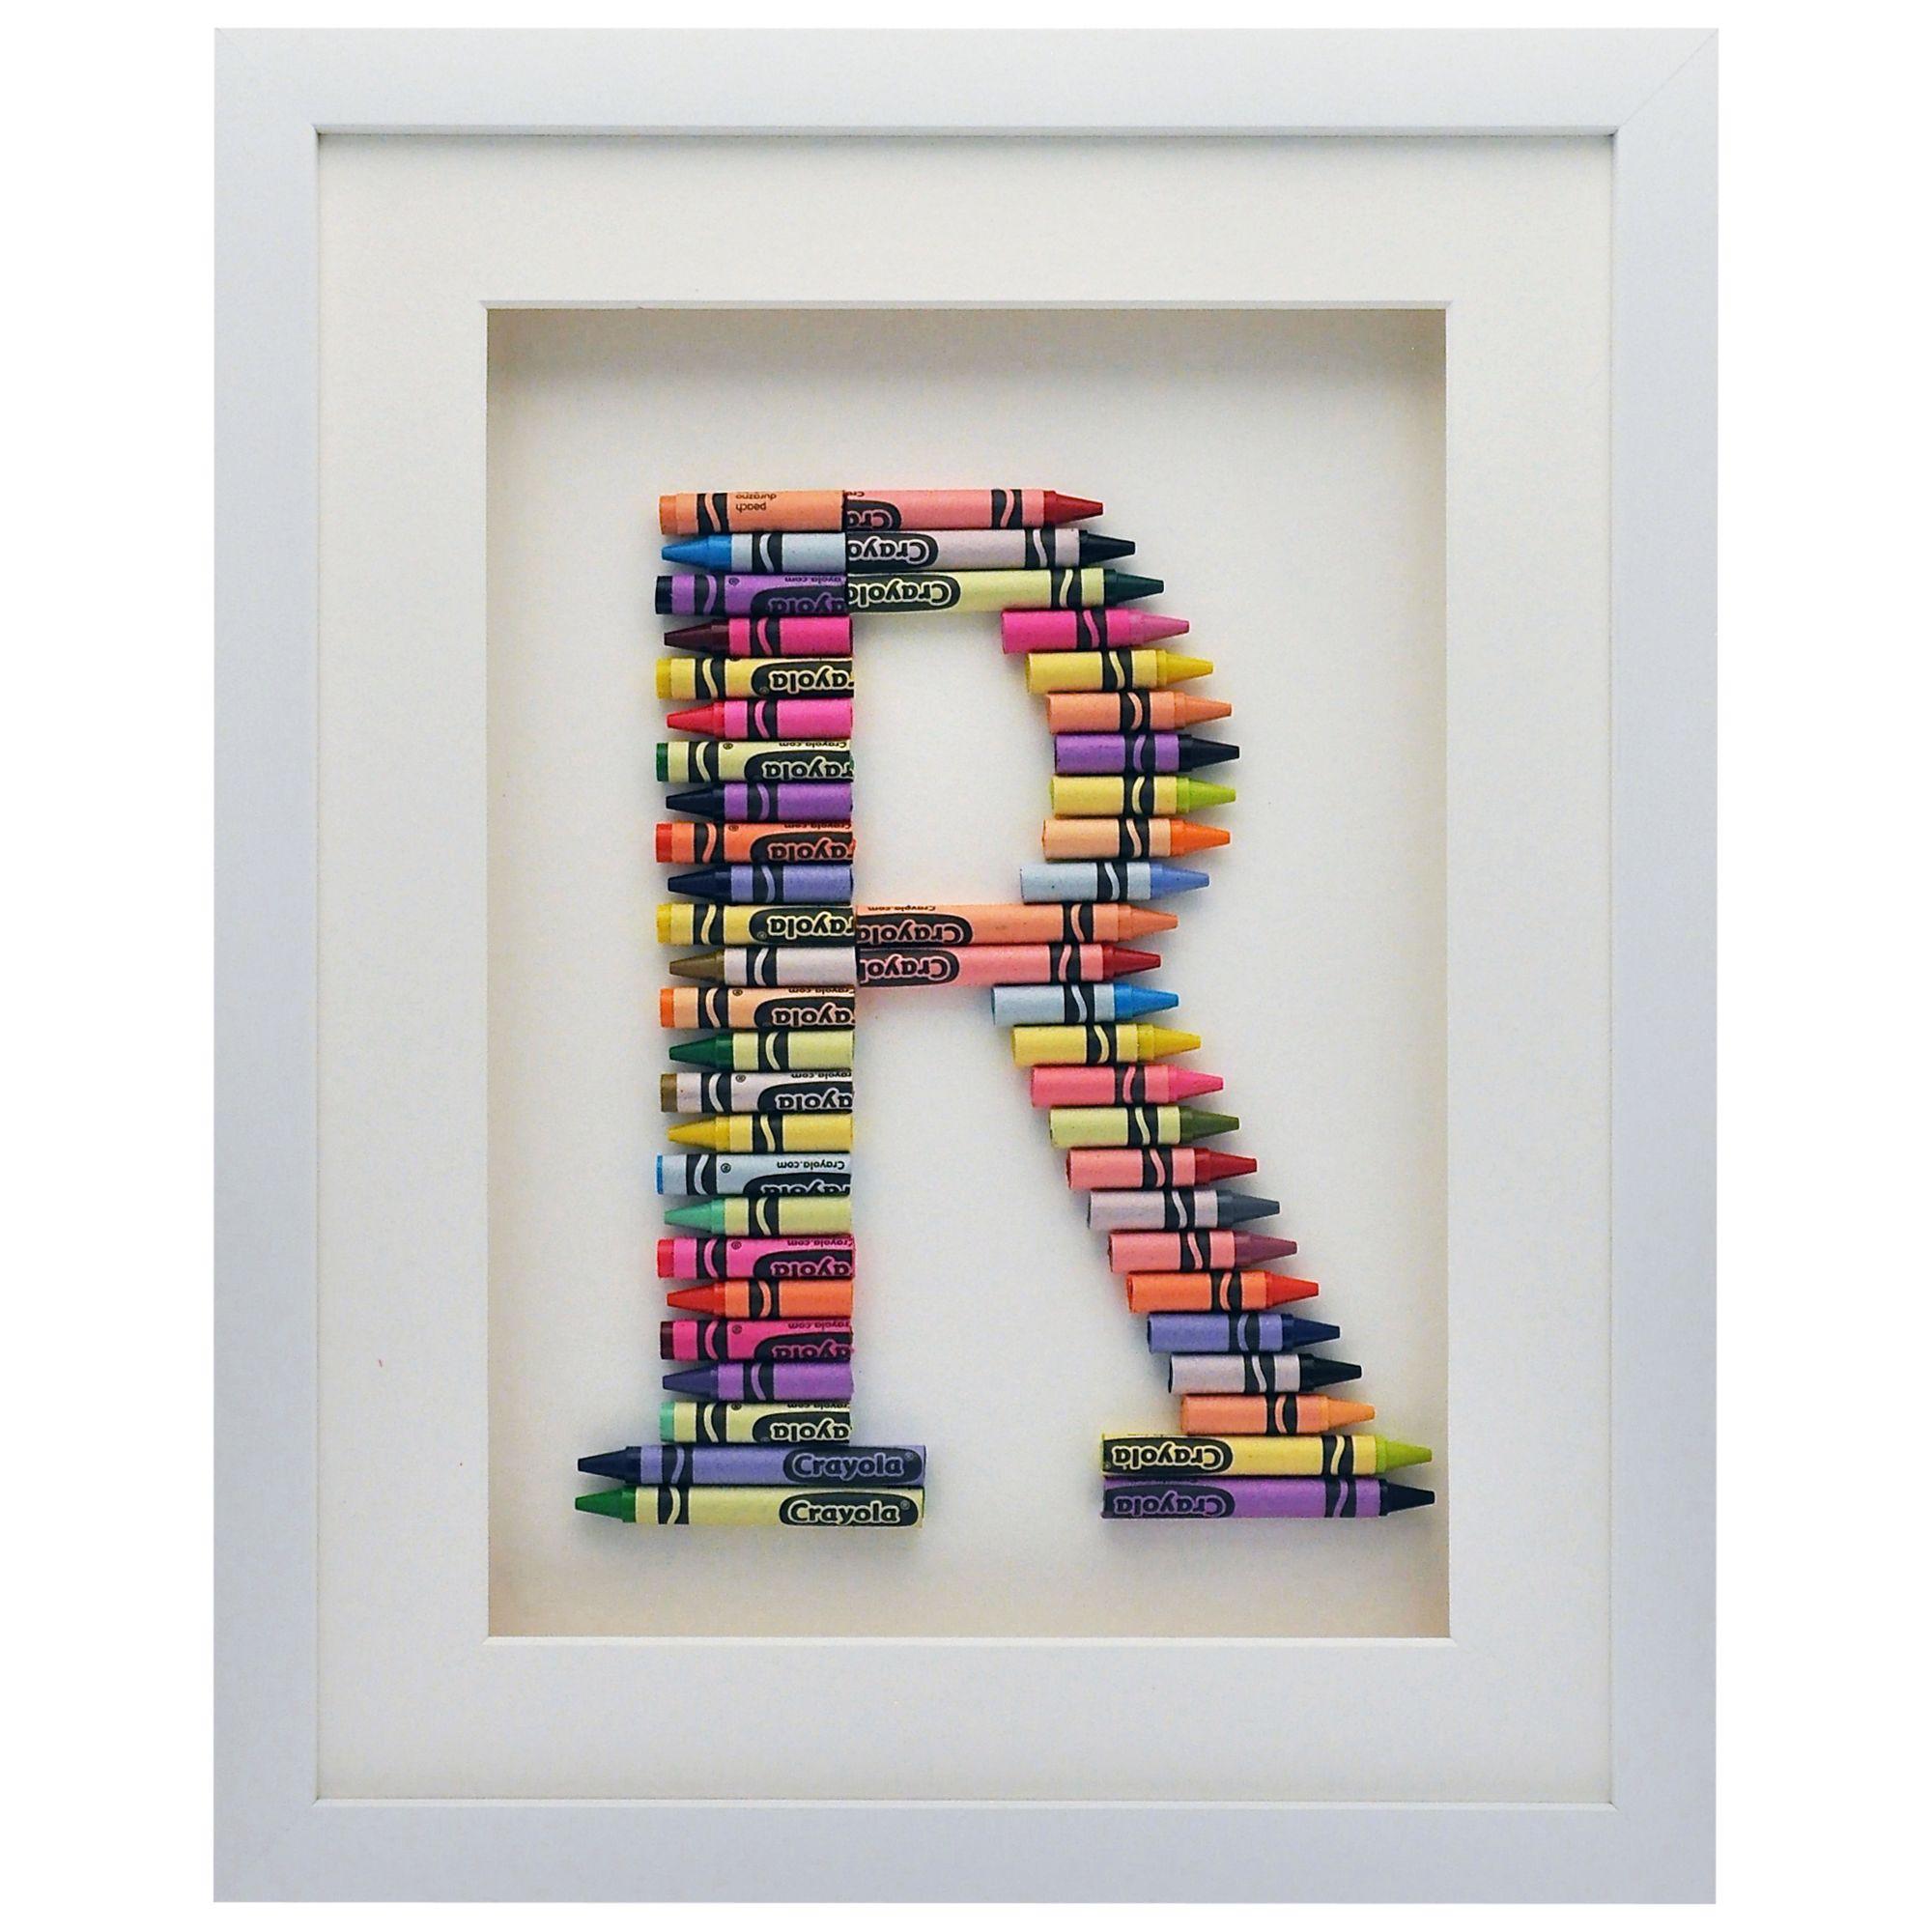 The Letteroom The Letteroom Crayon R Framed 3D Artwork, 34 x 29cm